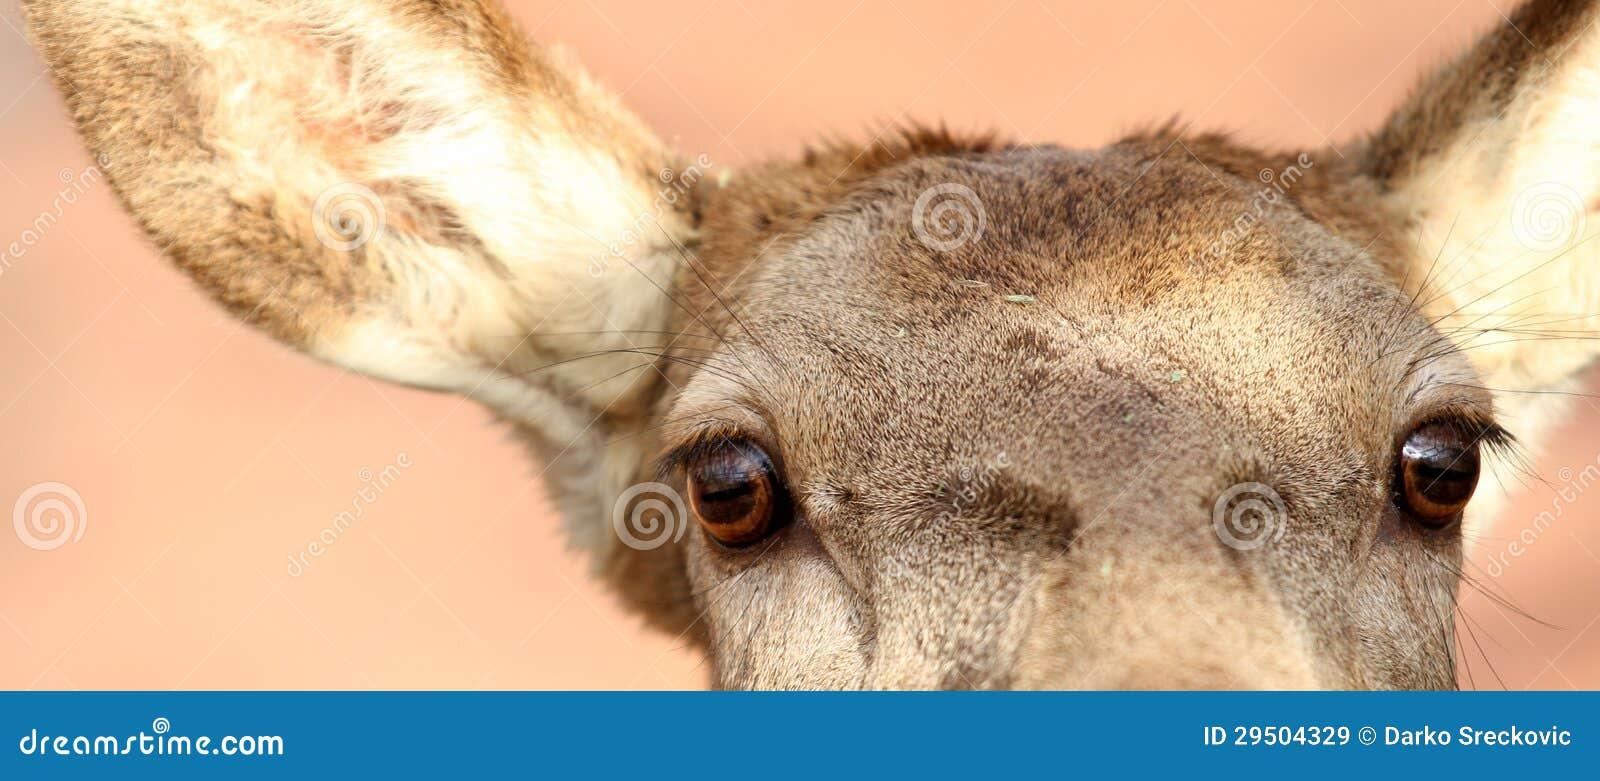 De ogen van herten